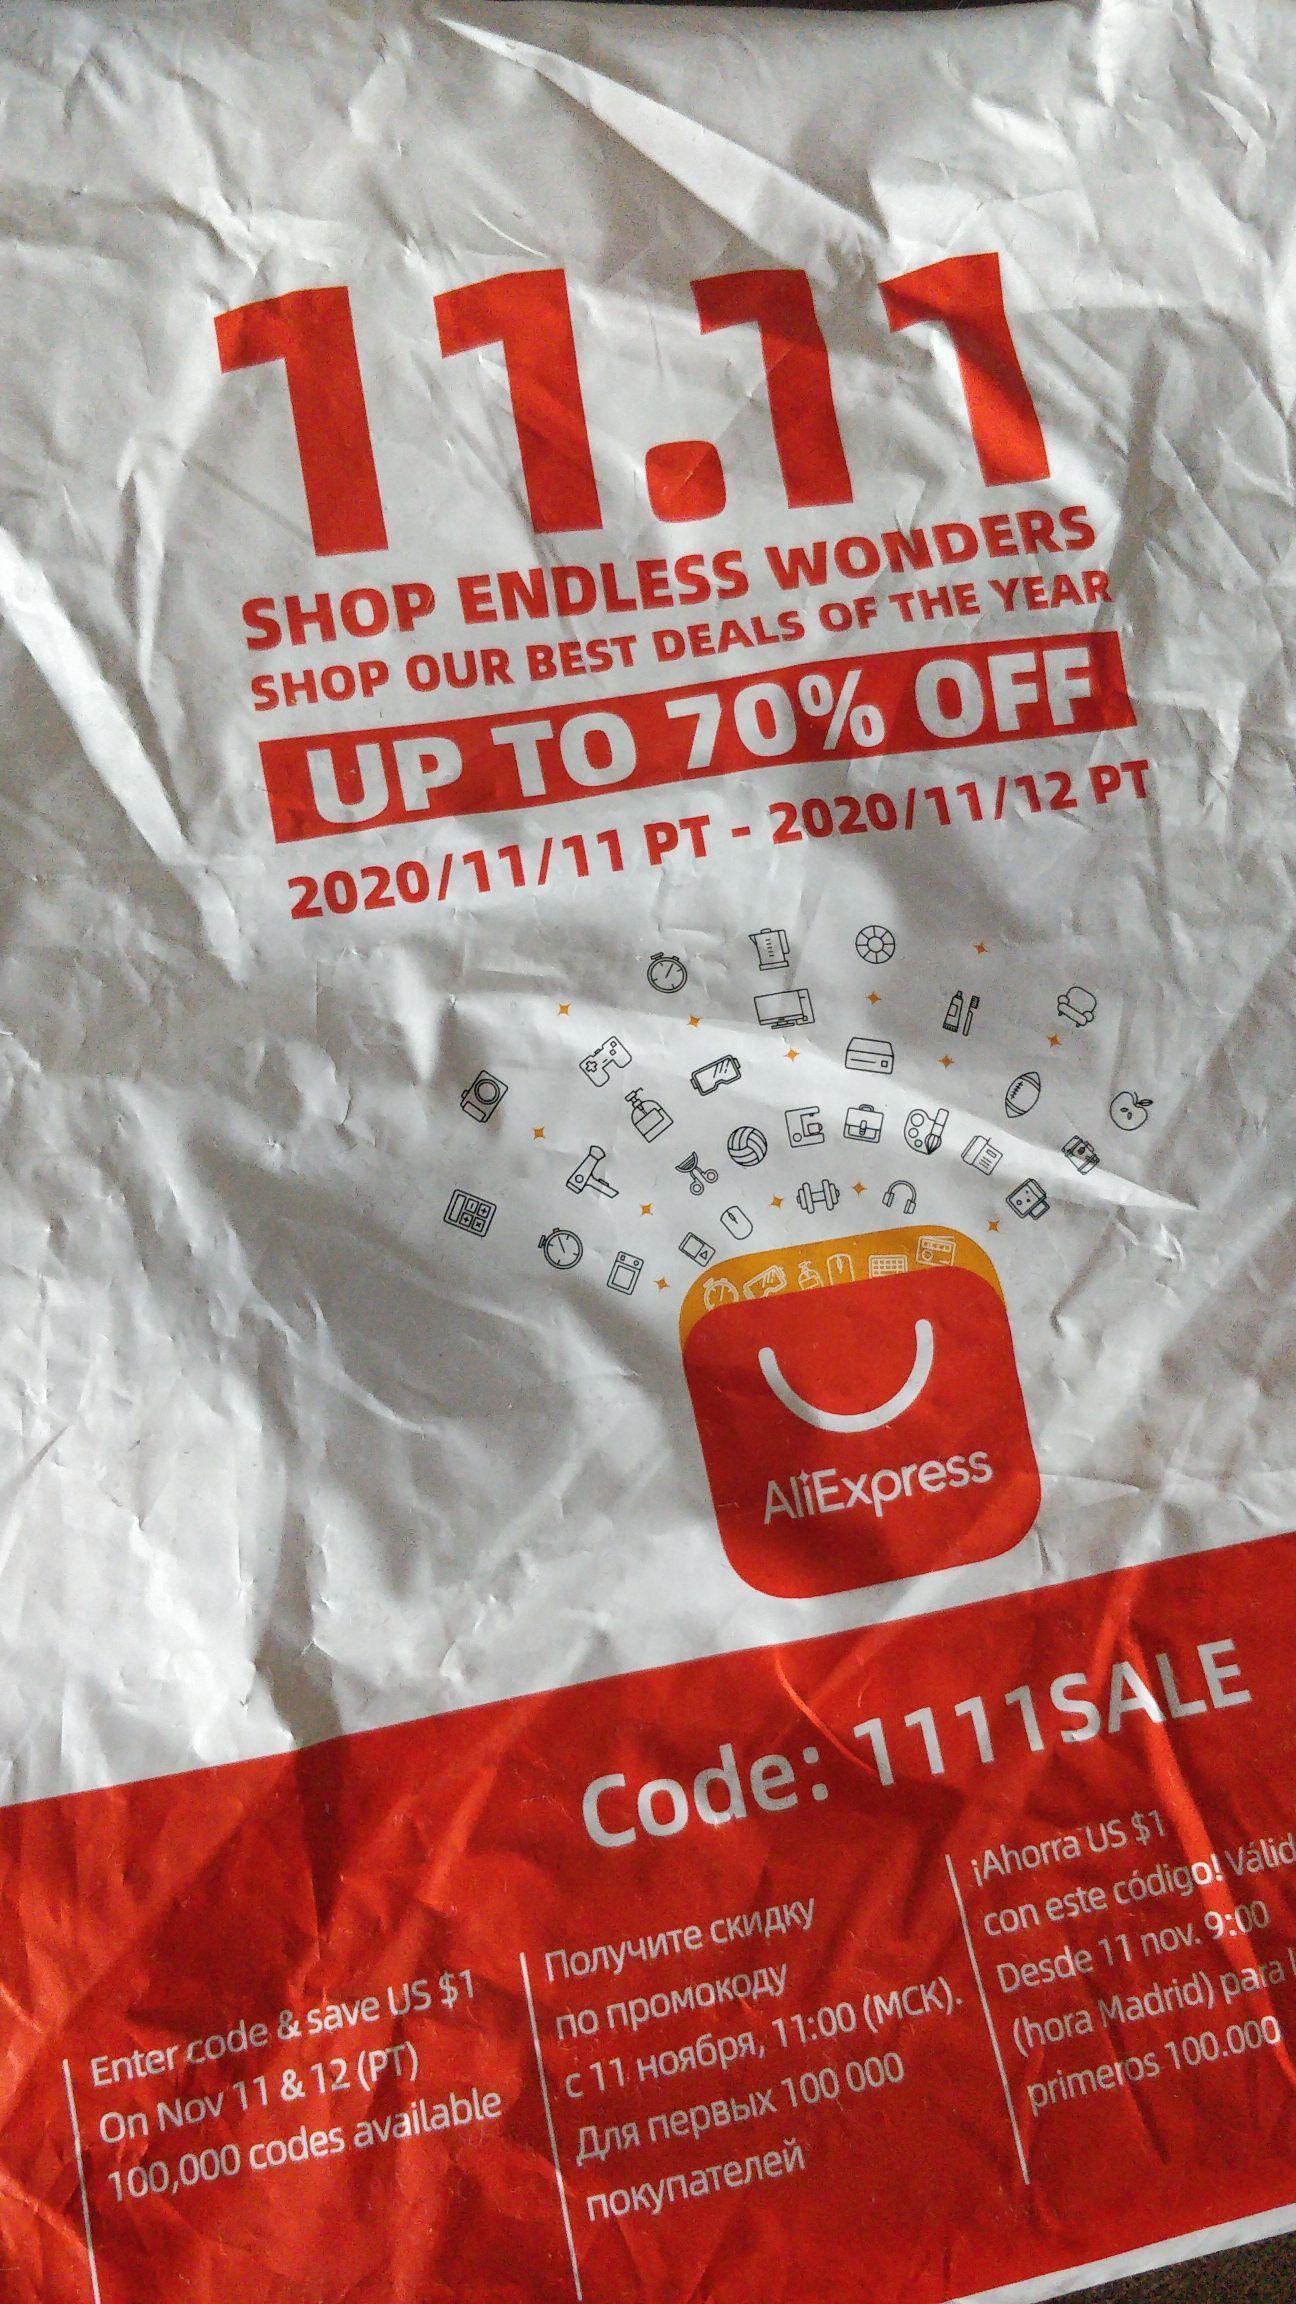 1$ korting bij AliExpress tijdens Singles Day Sale (11.11)